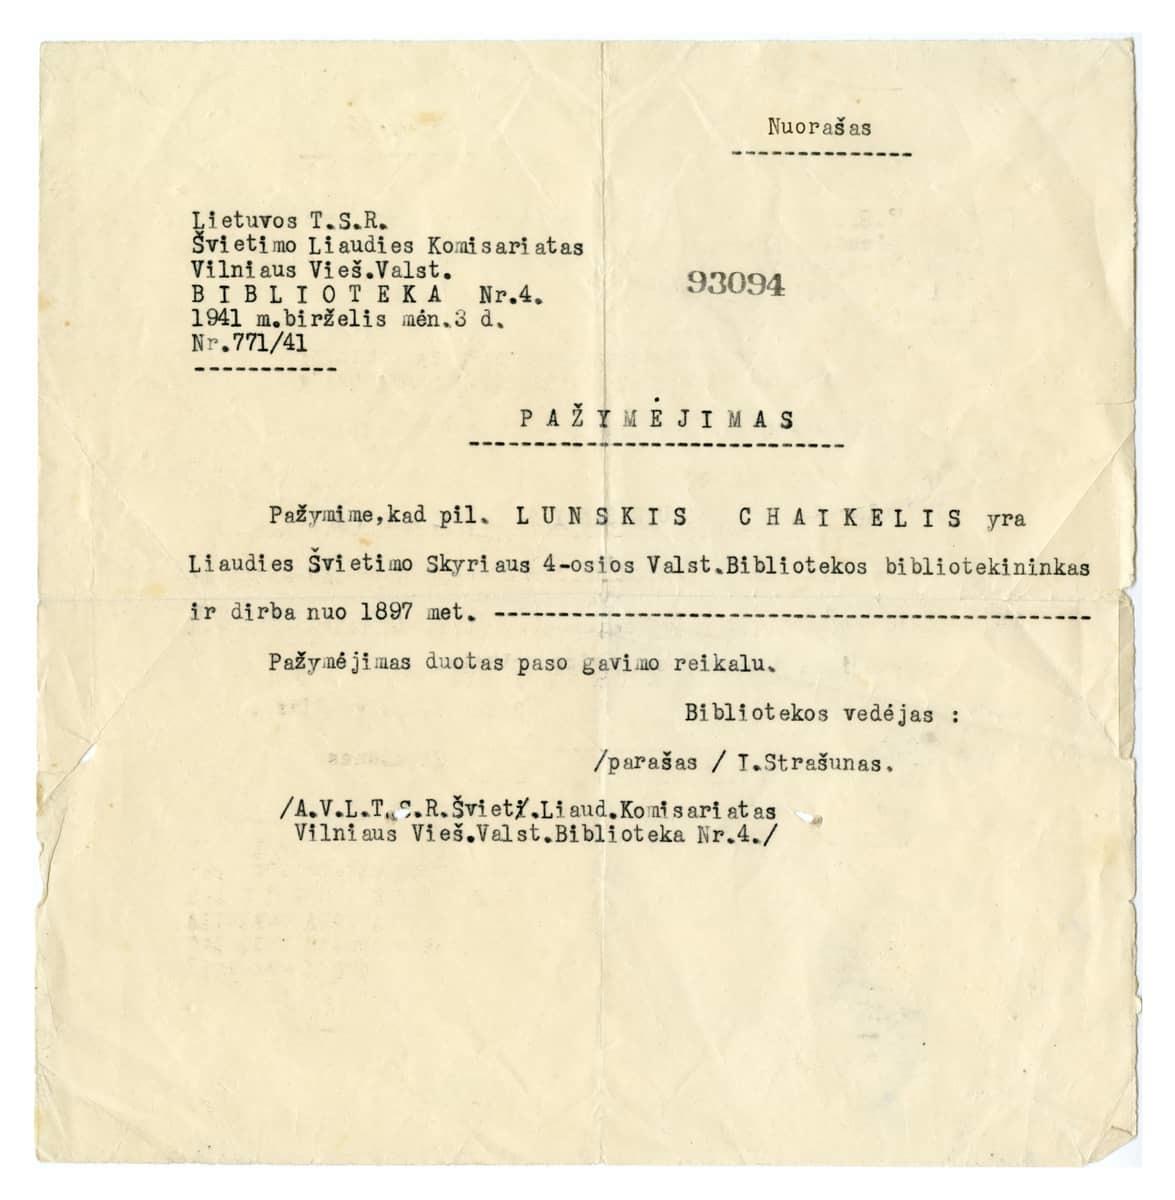 1941 metų birželio 3 d. Izaoko Strašuno surašyta pažyma apie Chaiklo Lunskio darbo stažą bibliotekoje. <br /> Tuomet biblioteka jau buvo netekusi pavadinimo, siejiusio ją su žydų kultūra.